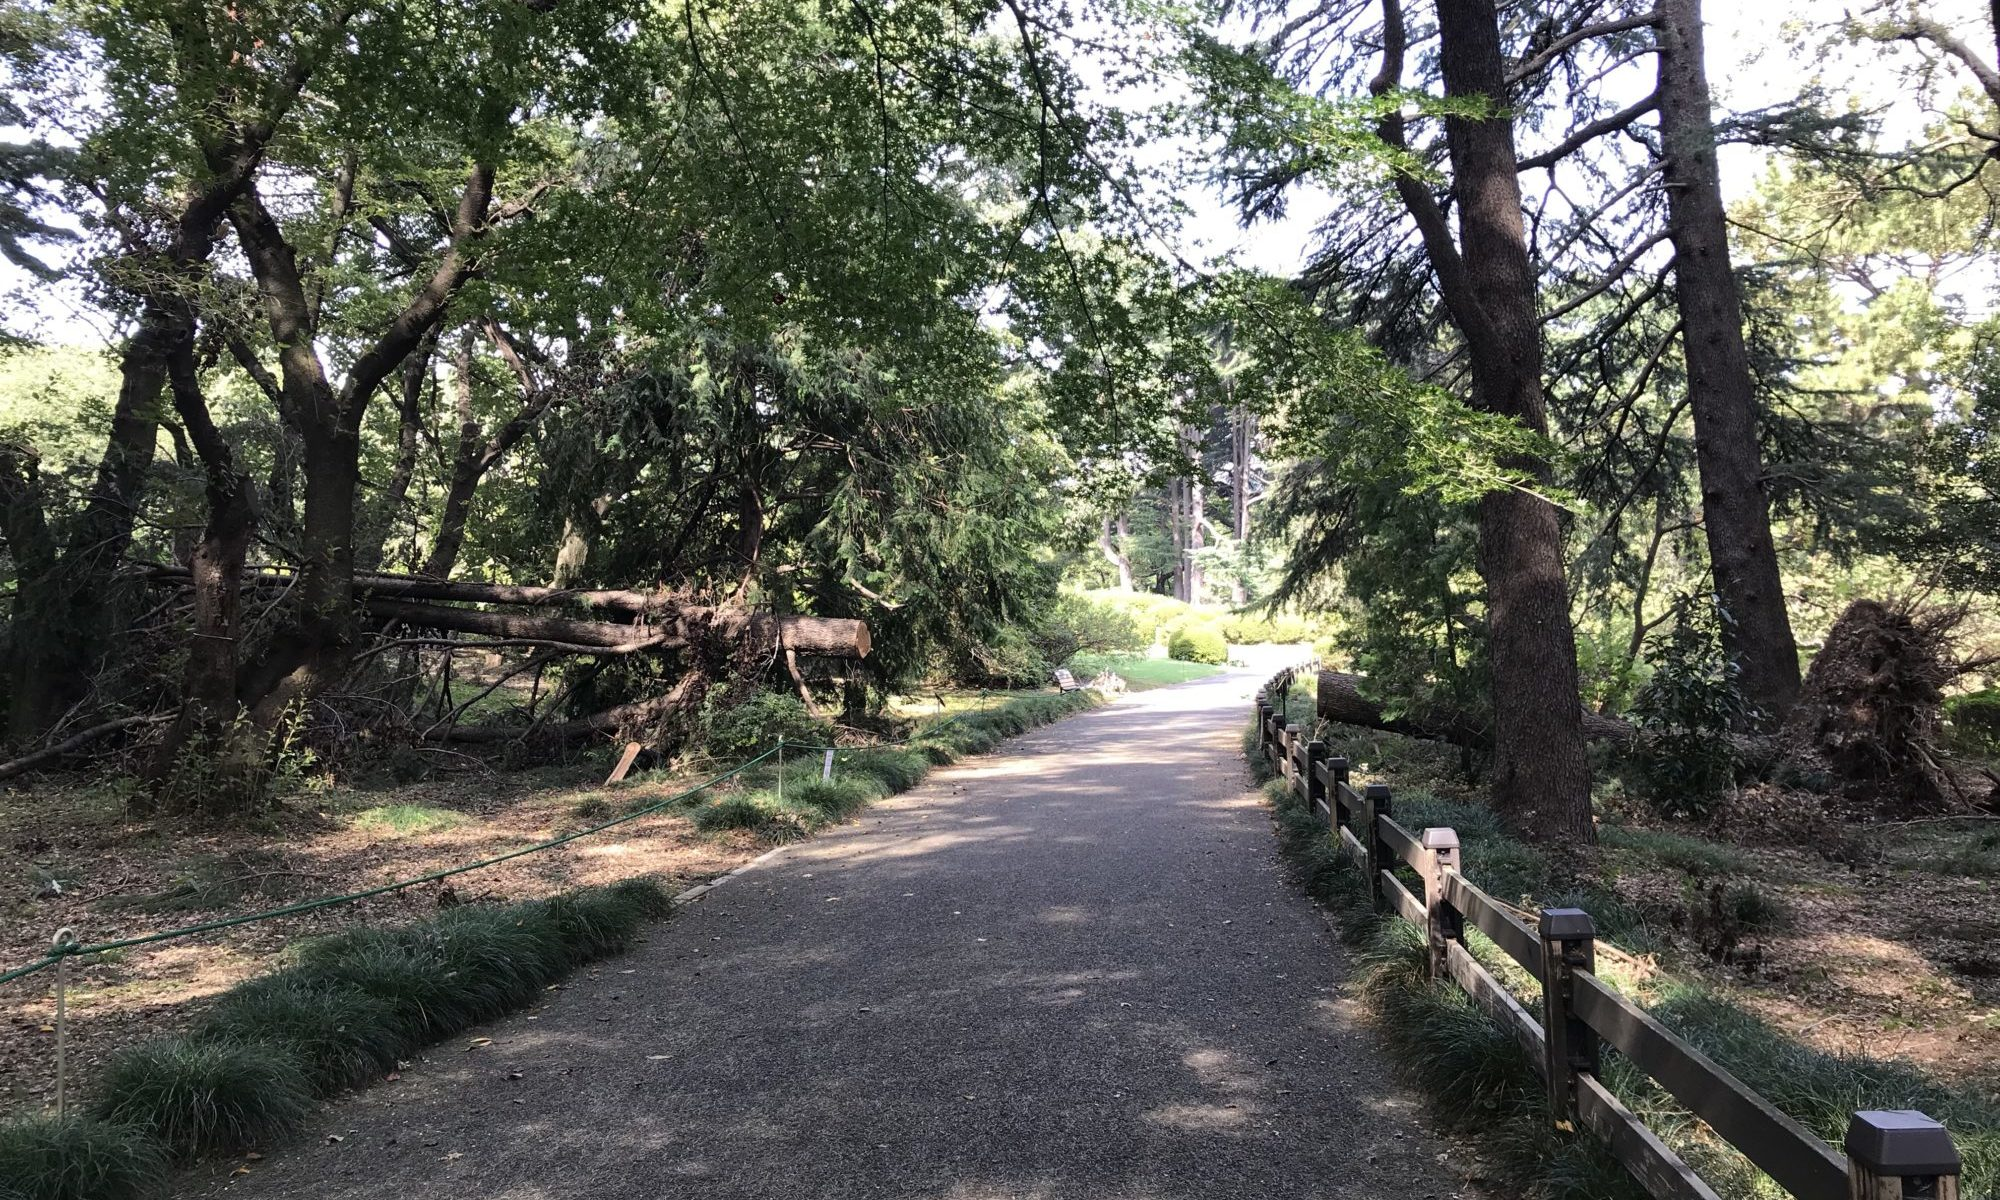 ヒマラヤスギ倒木